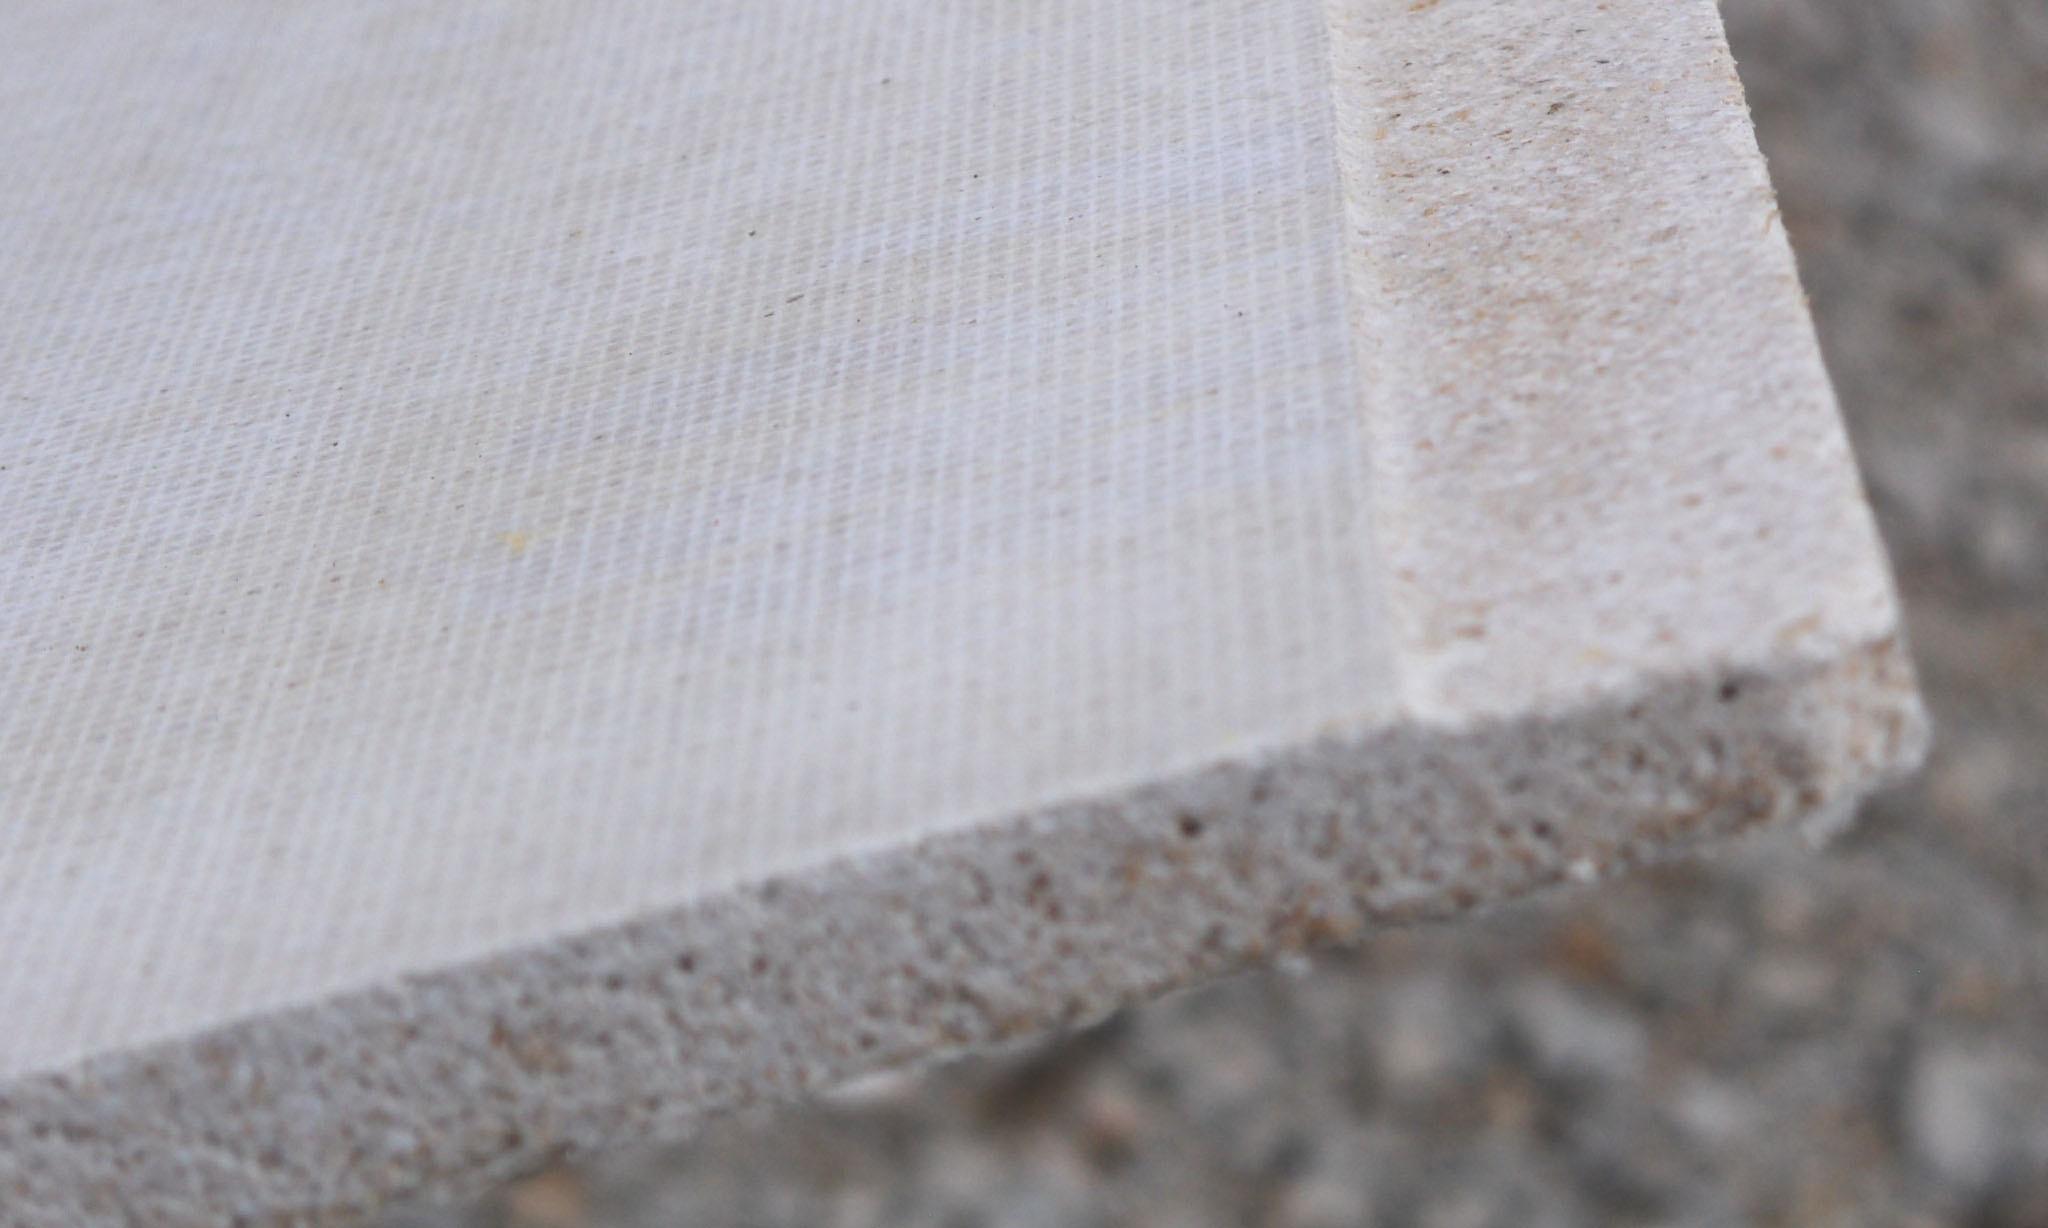 идея использования гвл листов в ремонте квартиры